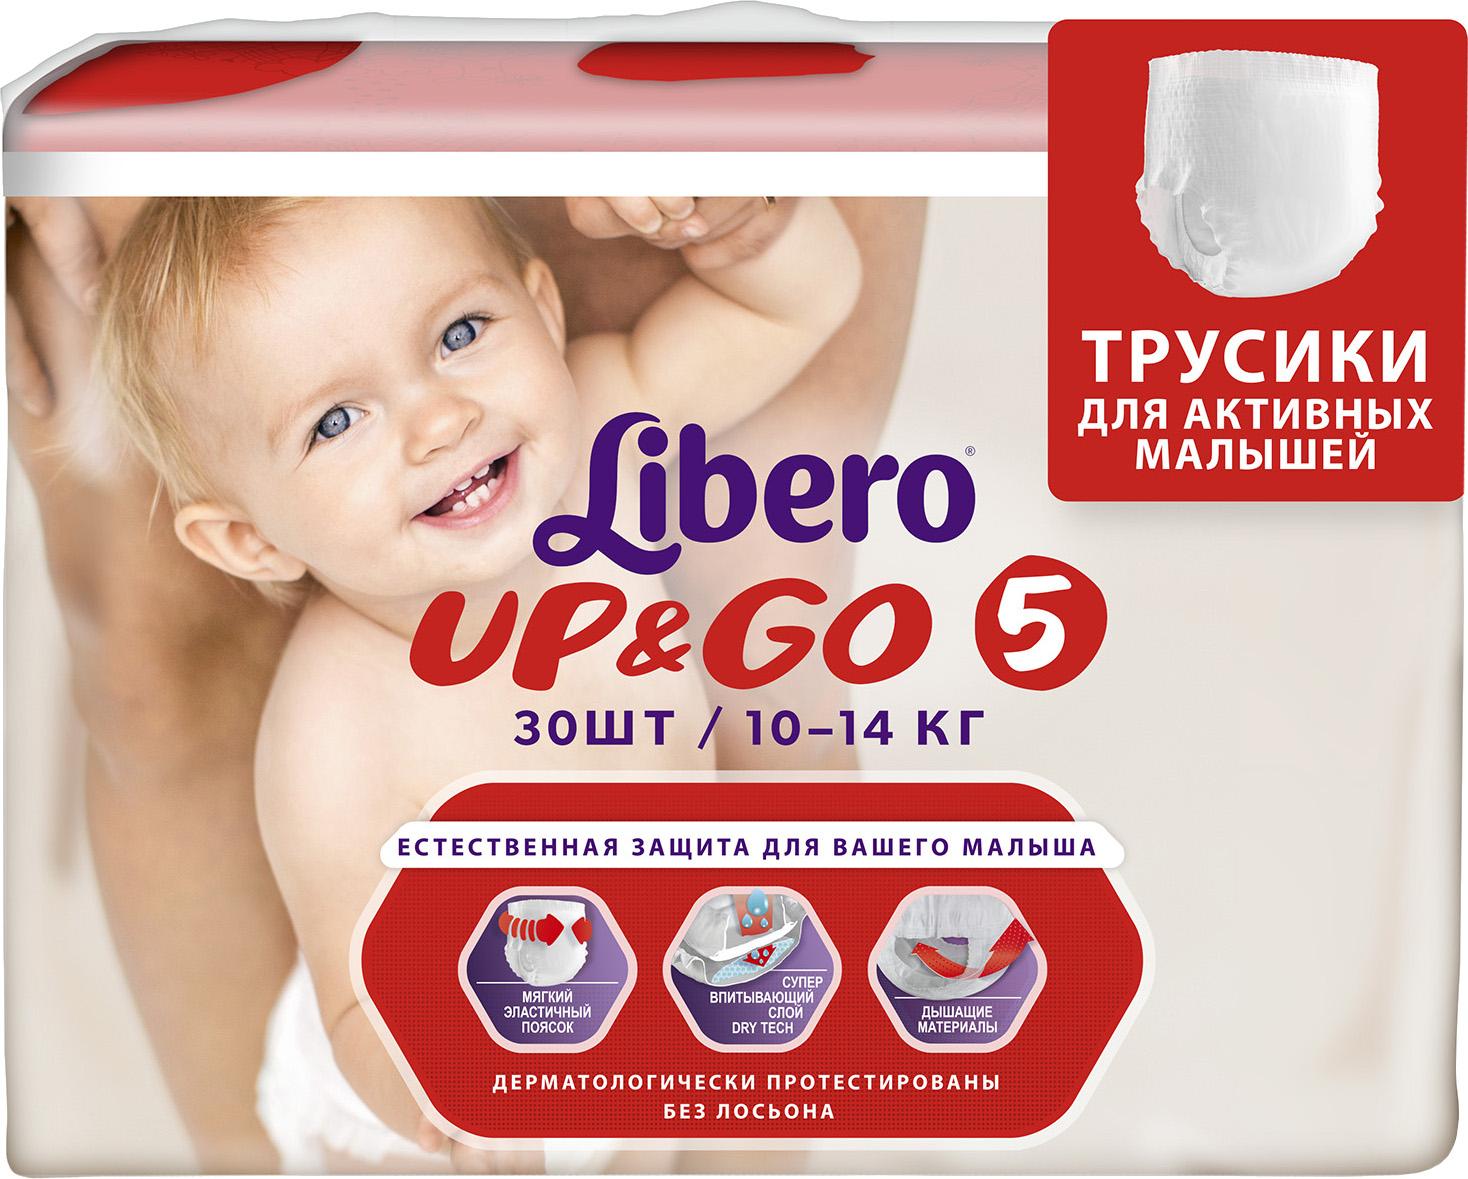 Подгузники для малышей Libero Up & Go 5 (10-14 кг) 30 шт недорого